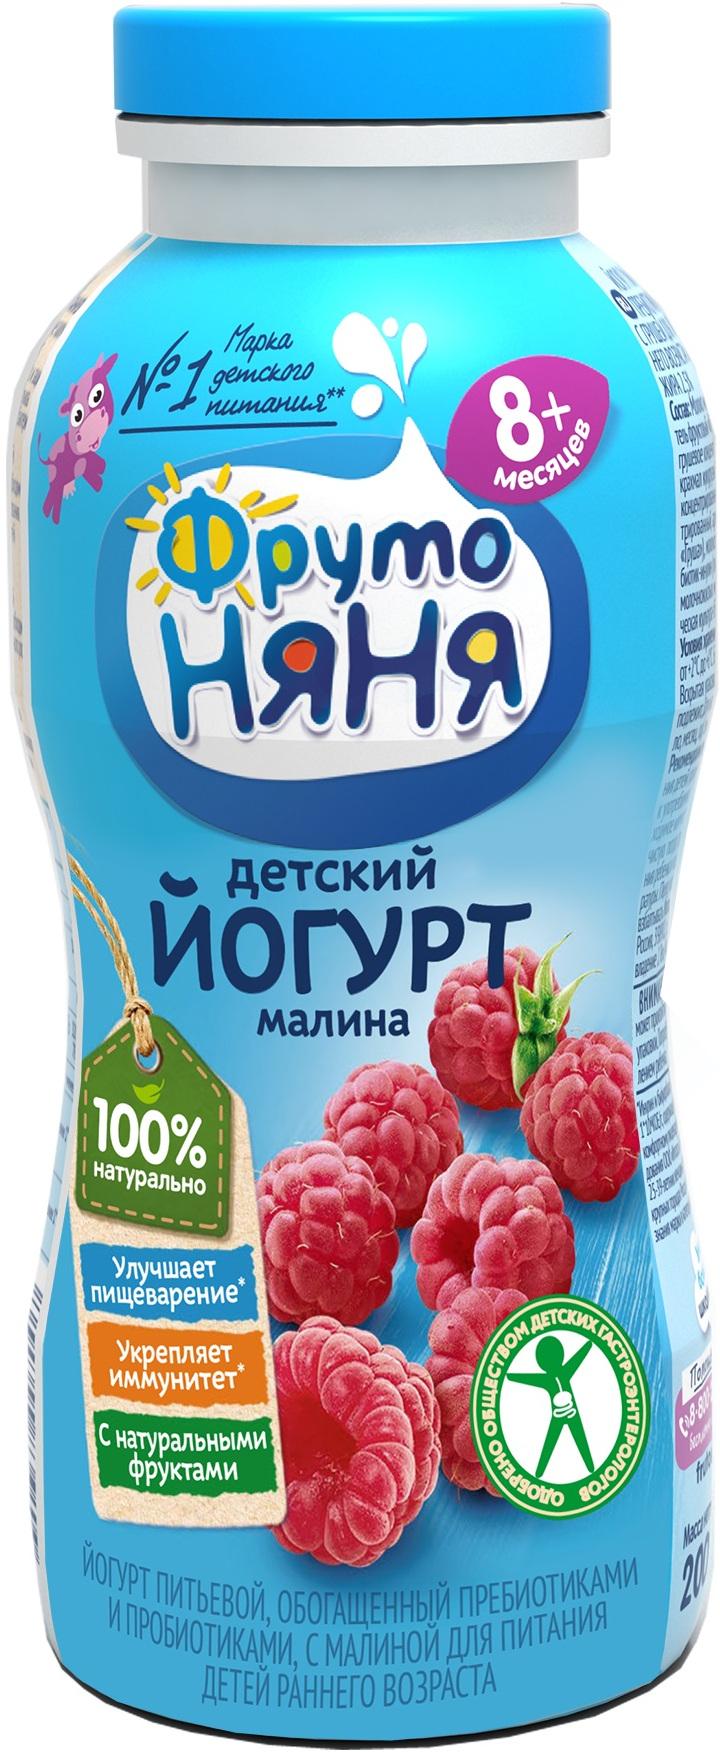 Йогурт Прогресс ФрутоНяня питьевой Малина 2,5% с 8 мес. 200 мл биойогурт питьевой тёма банан и земляника 2 8% с 8 мес 210 мл